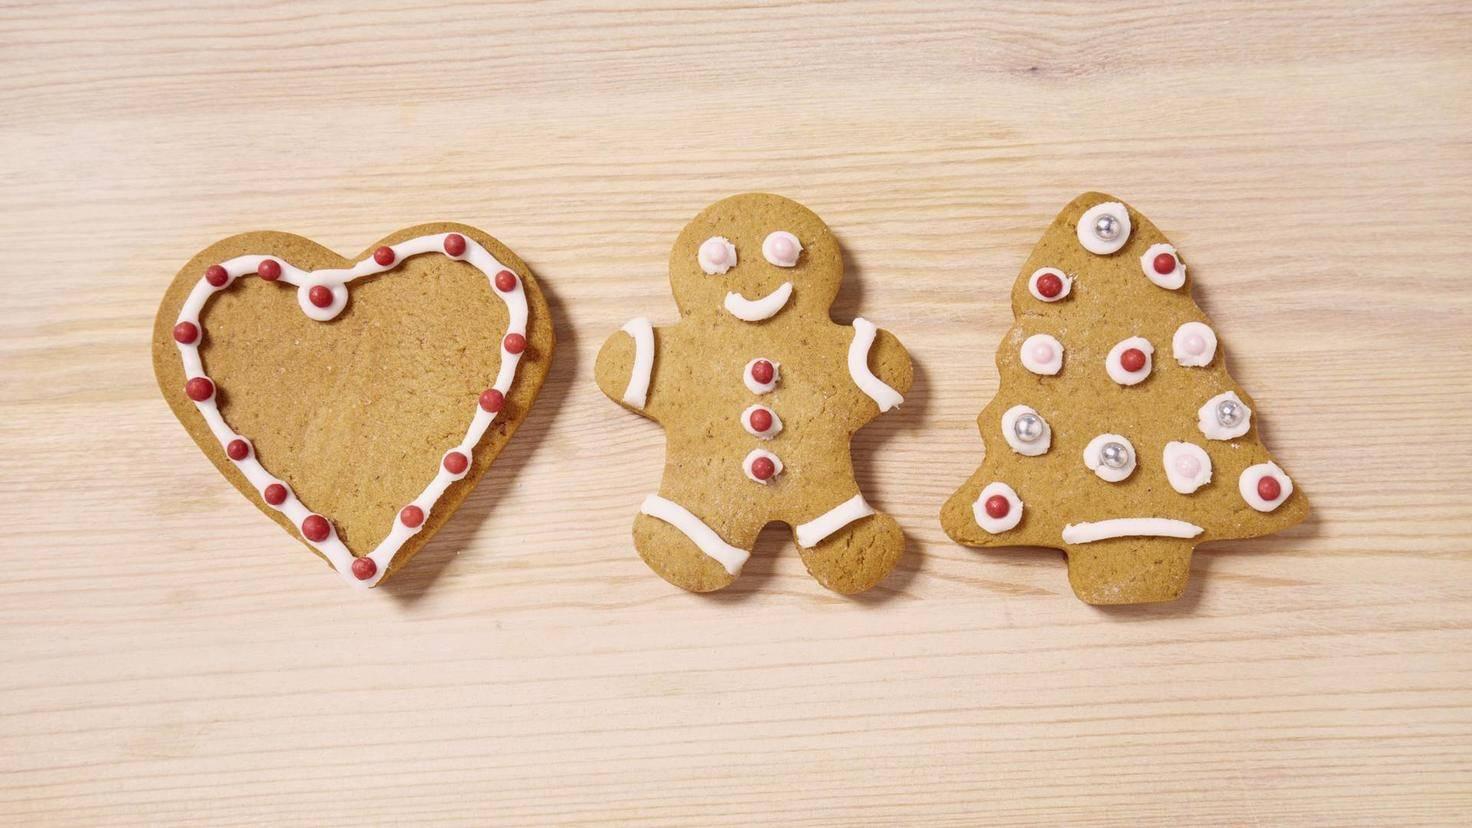 High angle view of Christmas cookies